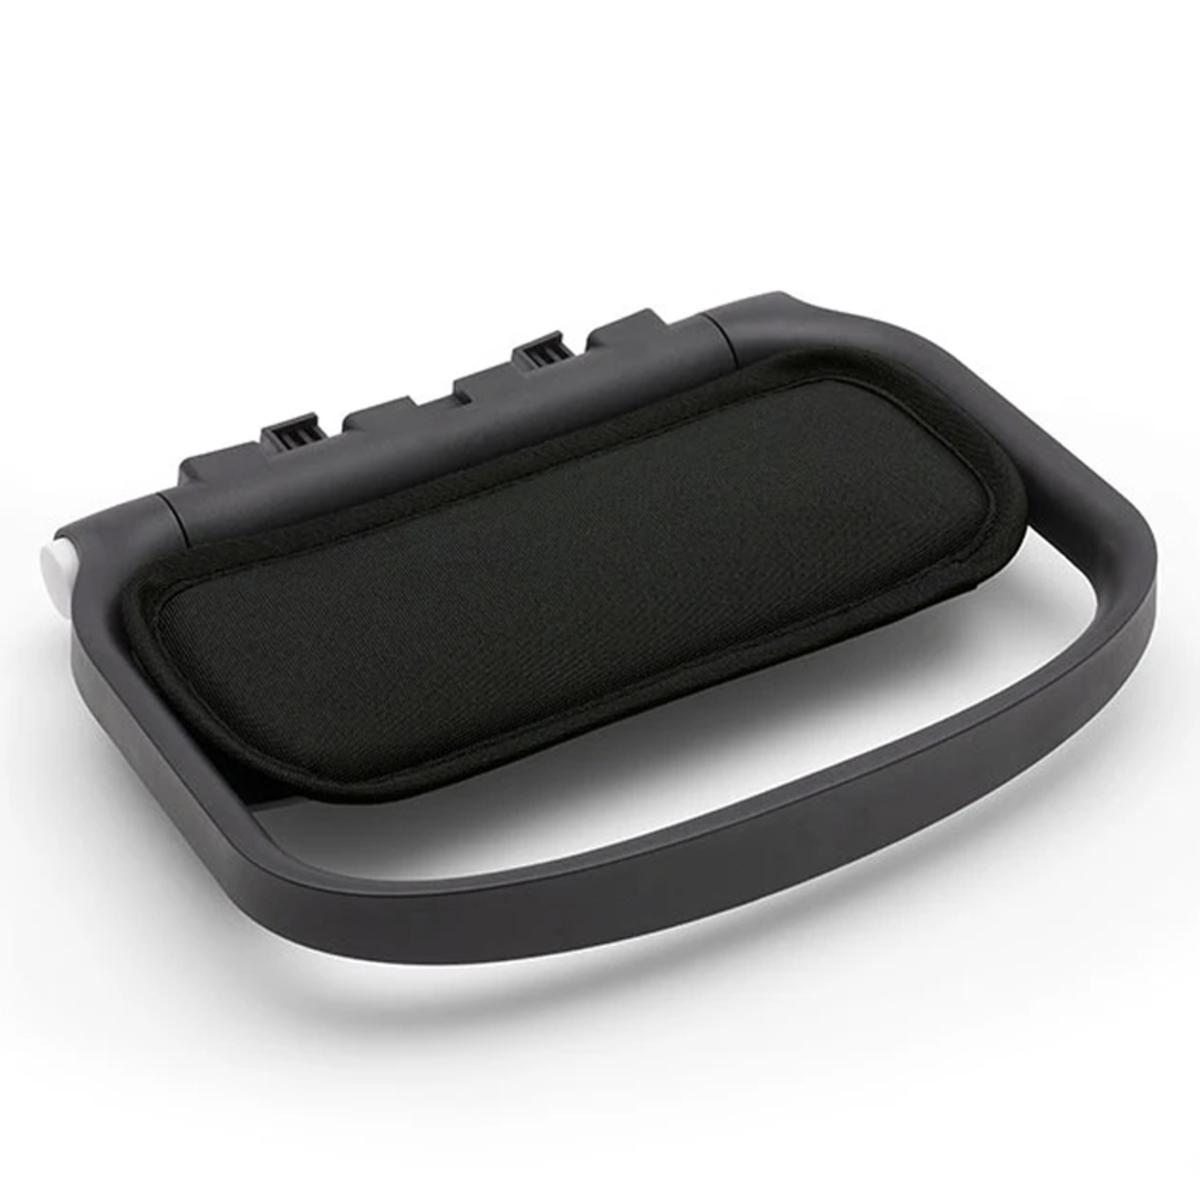 Accessoires poussette Repose-jambes ANT - Noir